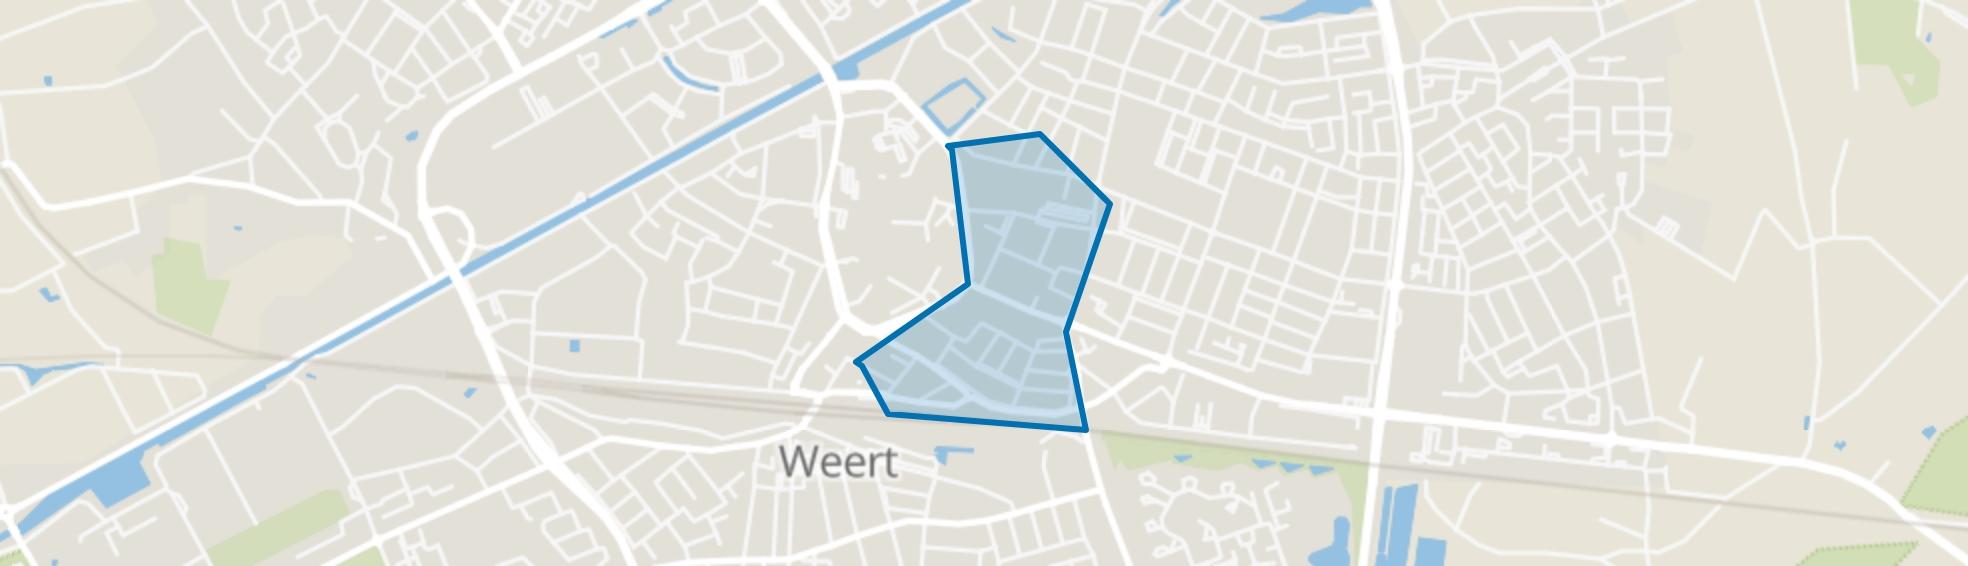 Maaspoort, Weert map